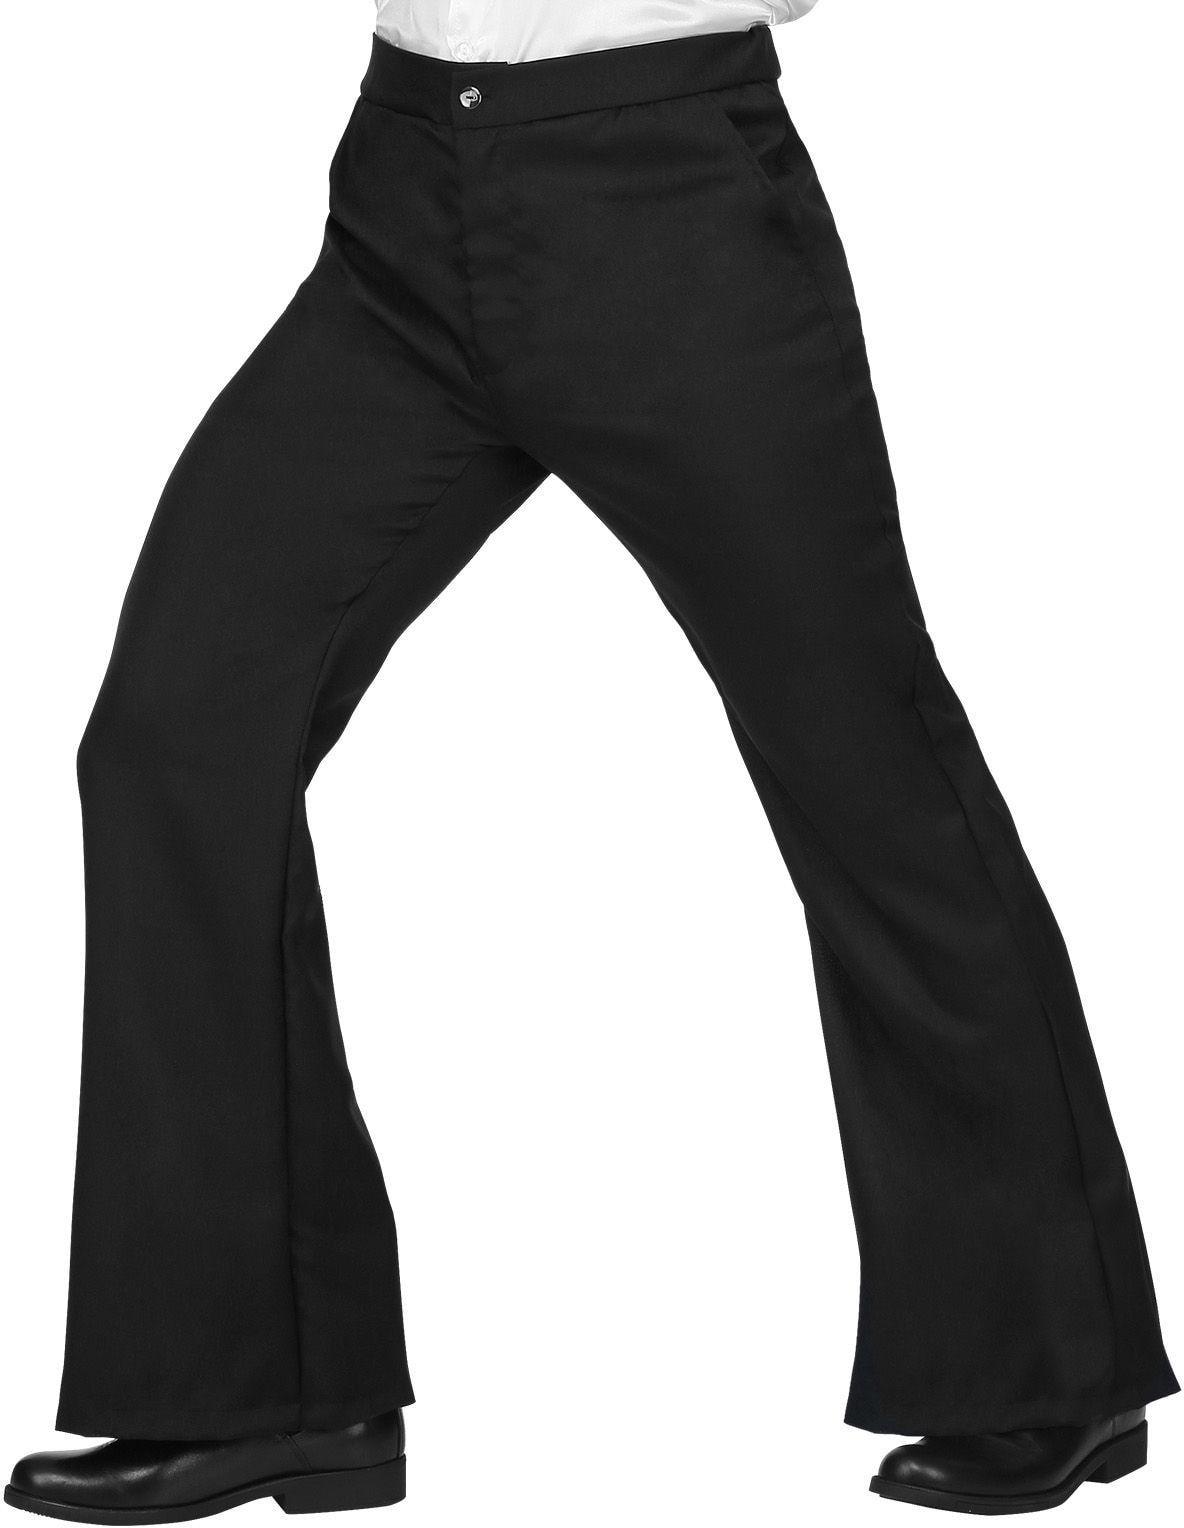 70s broek heren zwart